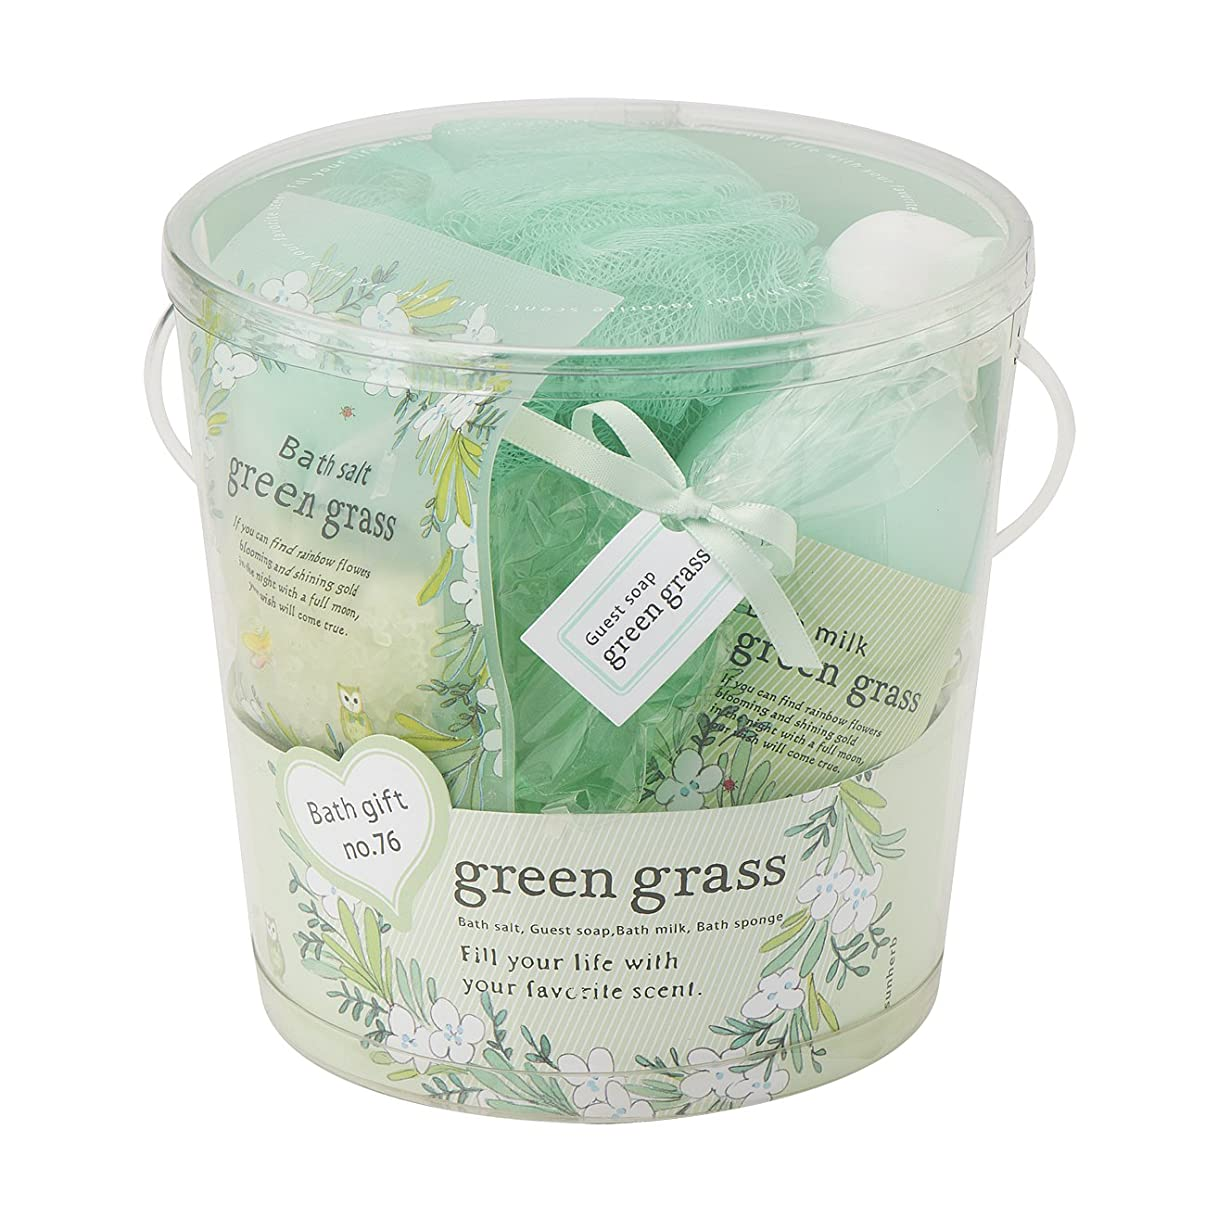 公平な実行サイズサンハーブ バスギフトNo.76 グリーングラス(バスミルク入りのボリューミーなバスセット 爽やかでちょっと大人の香り)